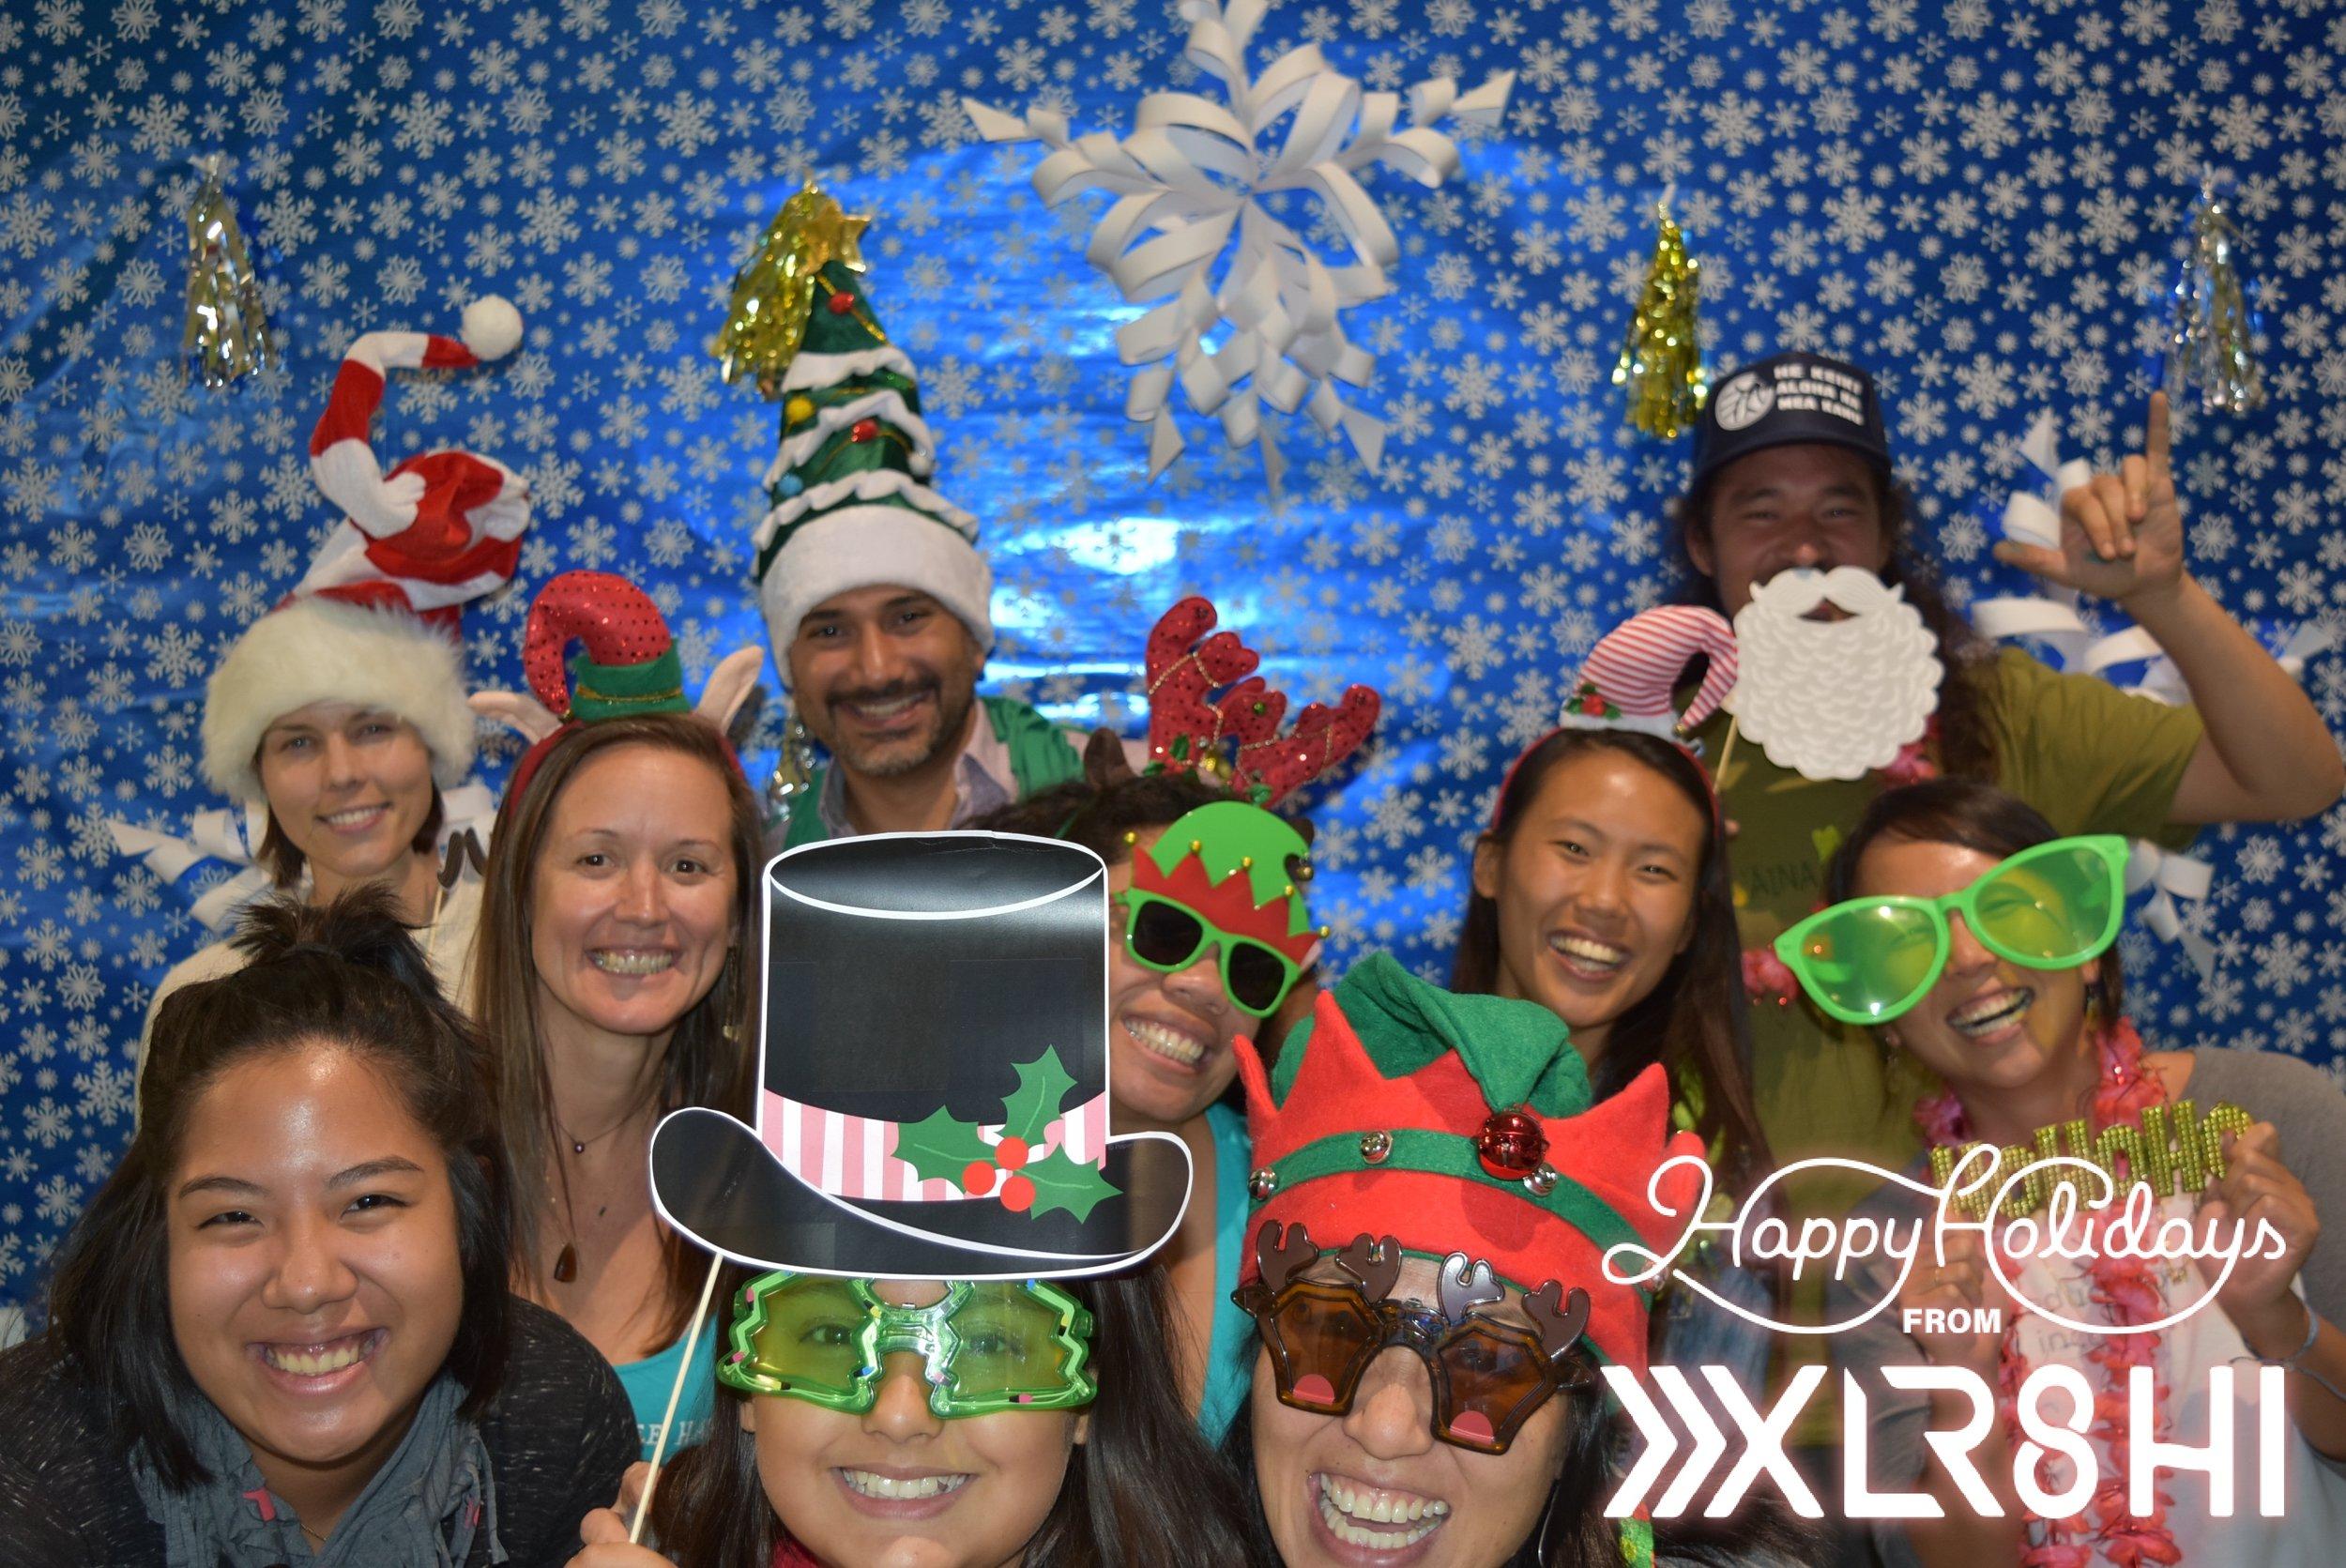 XLR8HI Holidays-0012-3.jpg